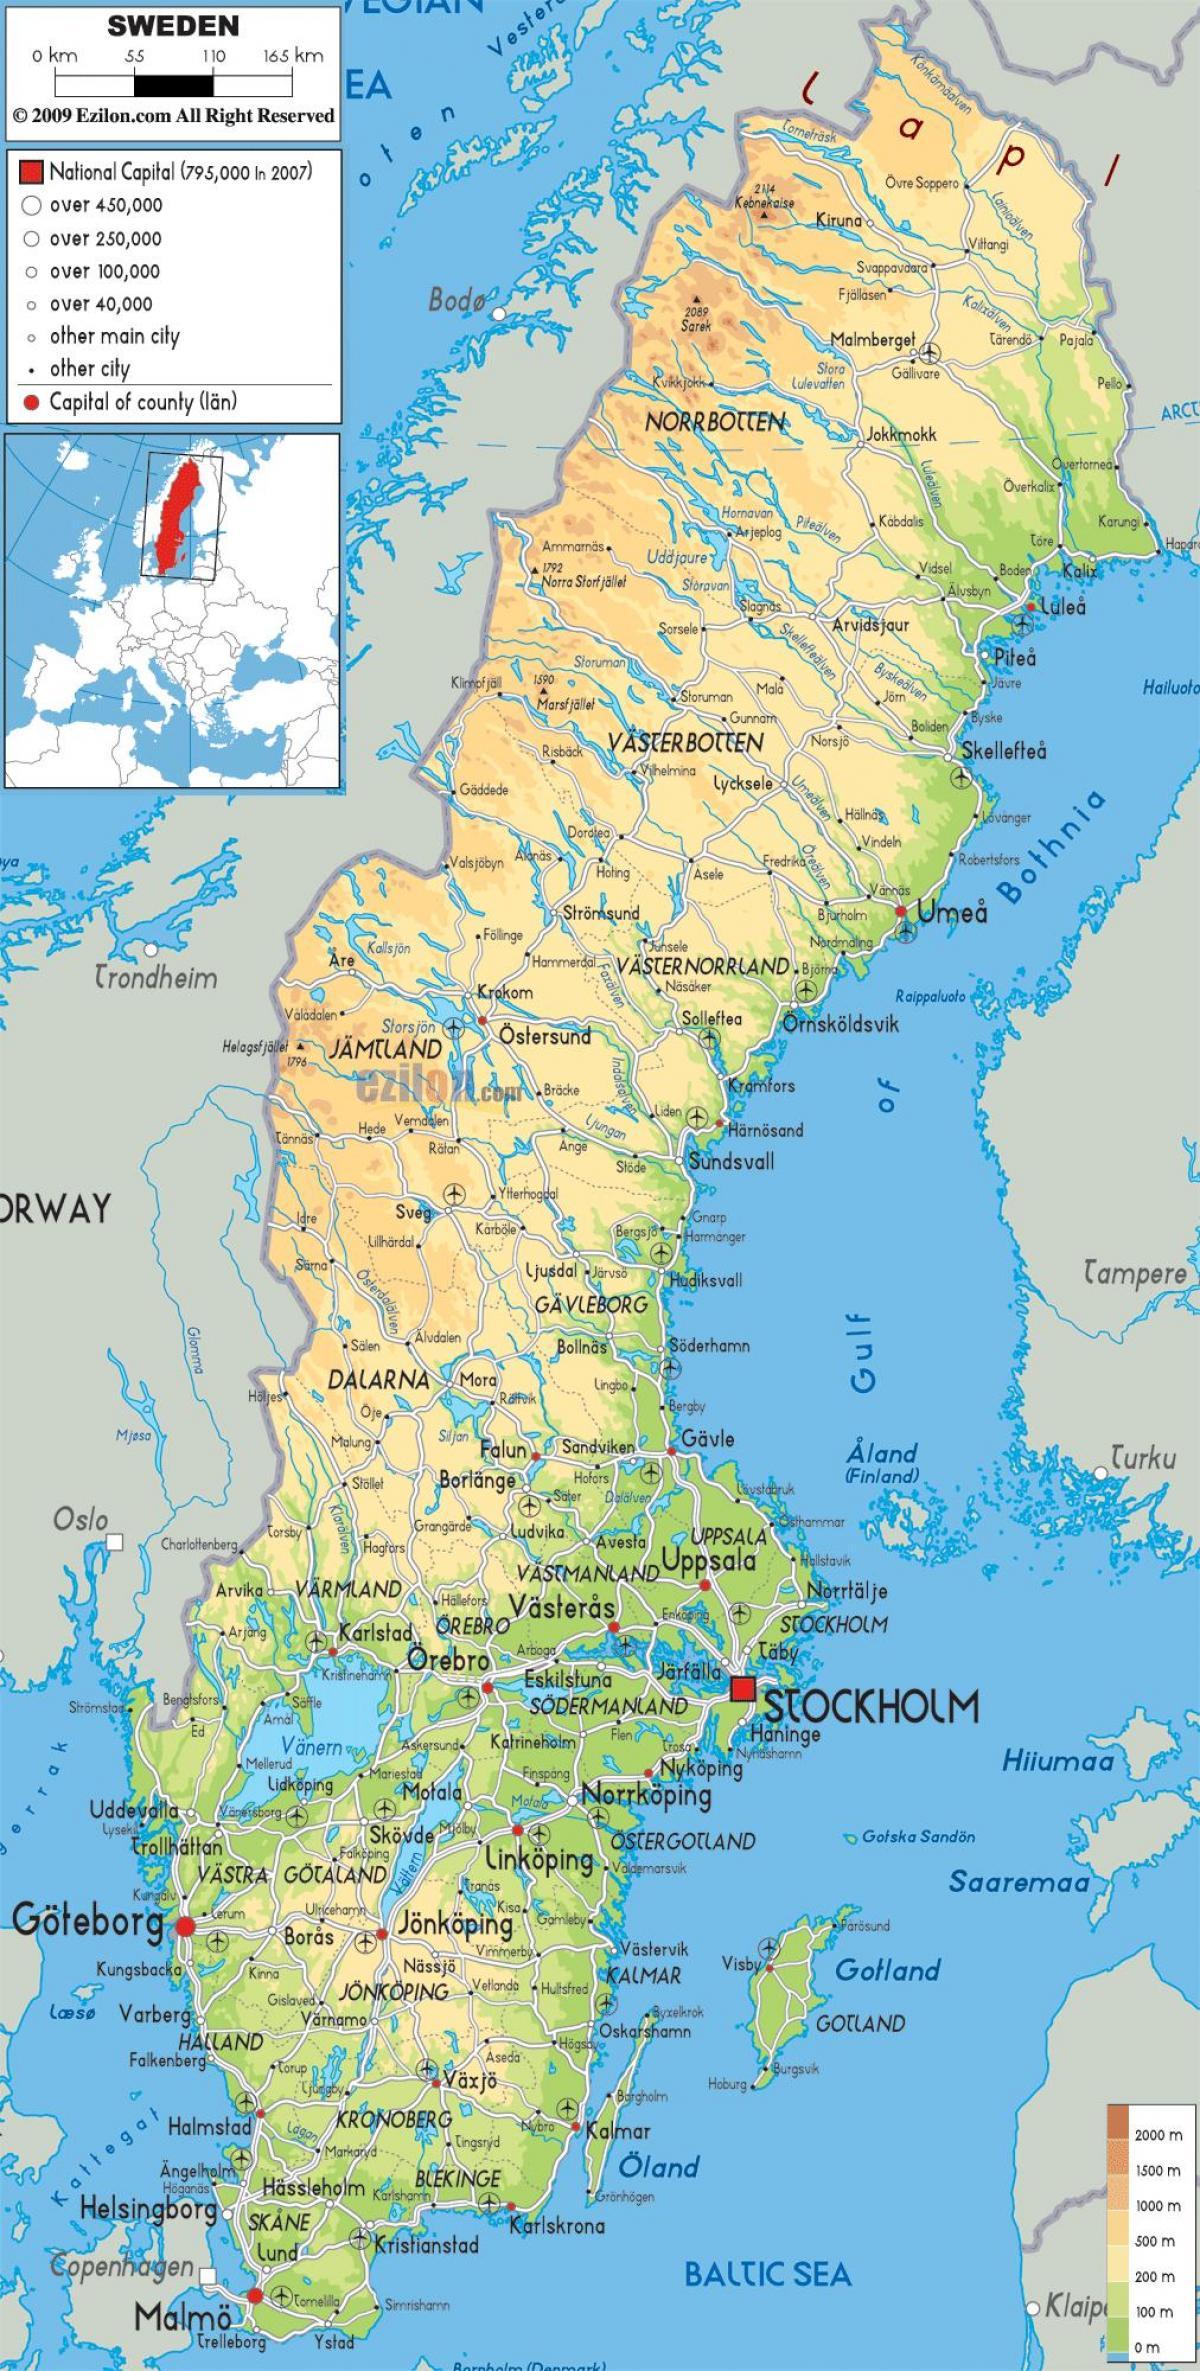 Cartina Geografica Nord Europa.Svezia Geografia Cartina Mappa Geografica Della Svezia Europa Del Nord Europa